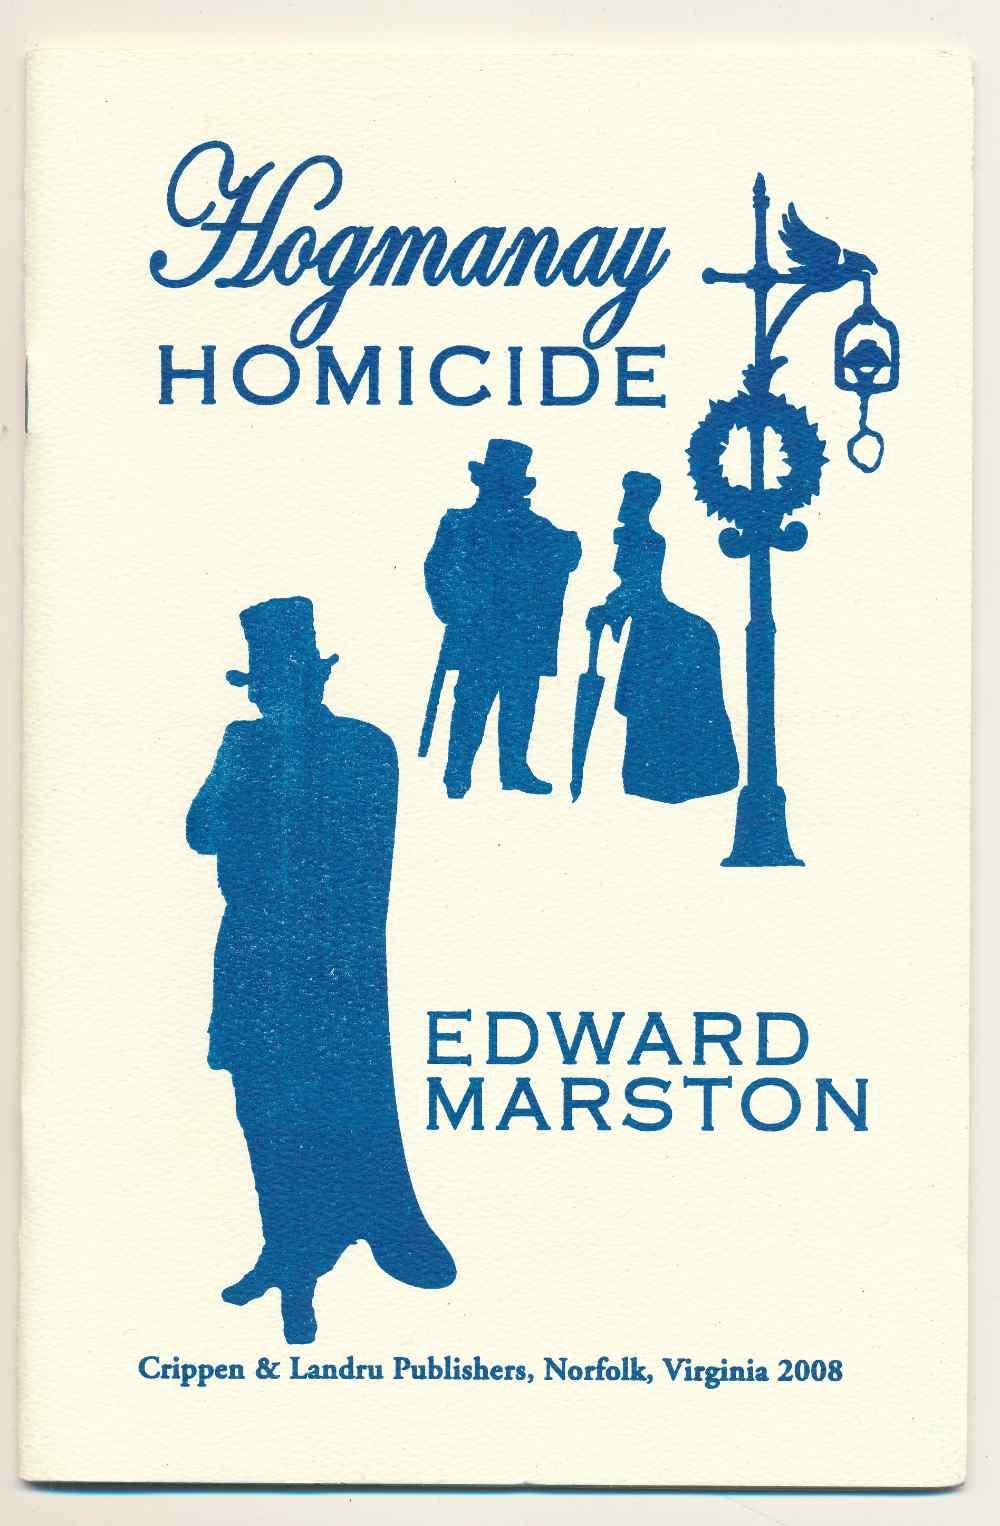 Hogmanay homicide